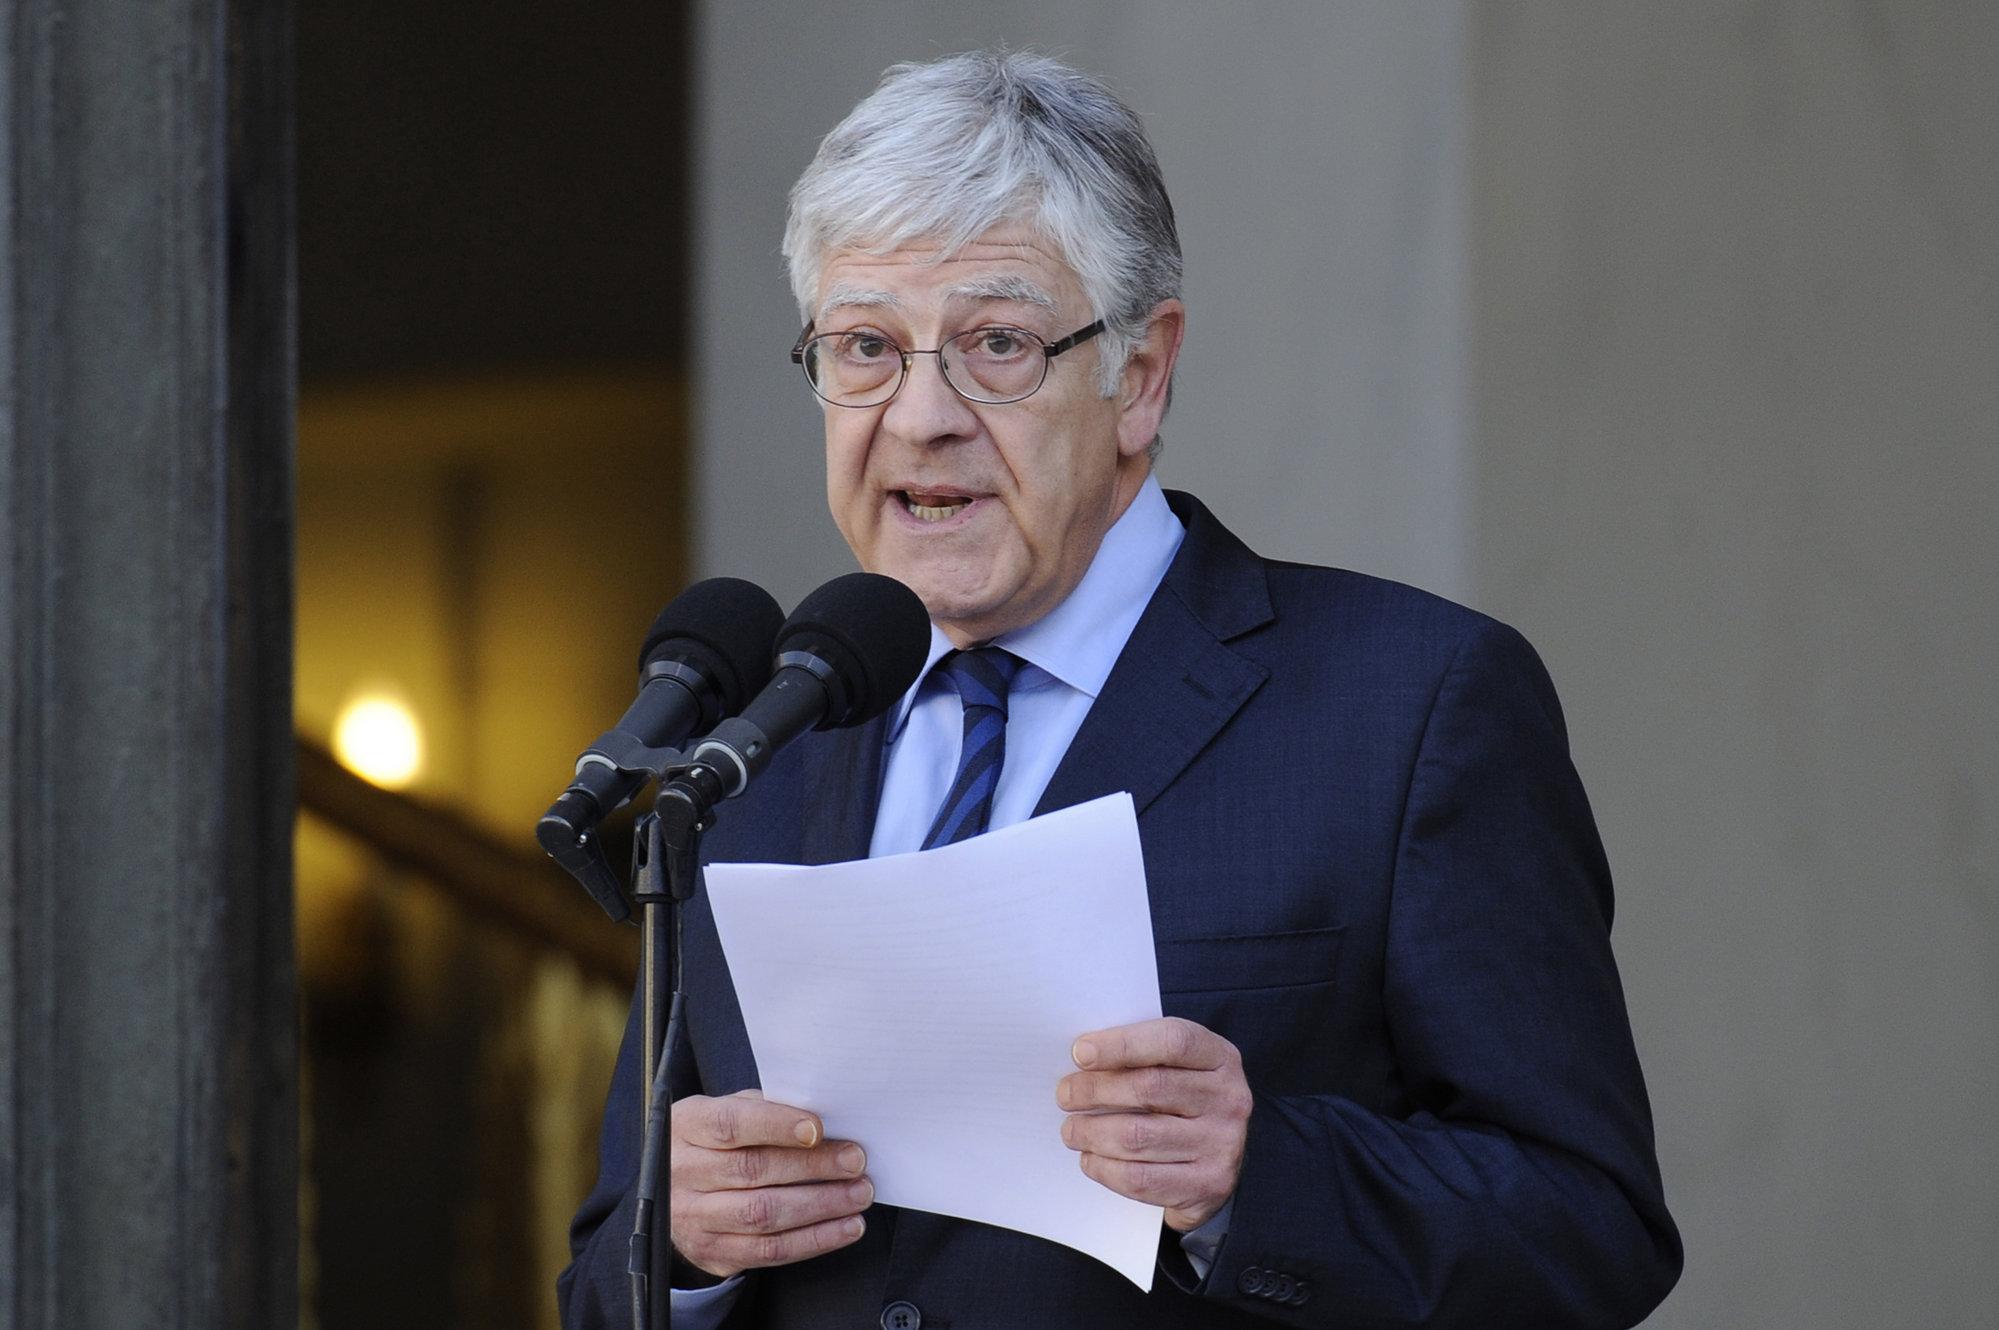 Francia tendrá por primera vez un gobierno paritario formado por 34 ministros